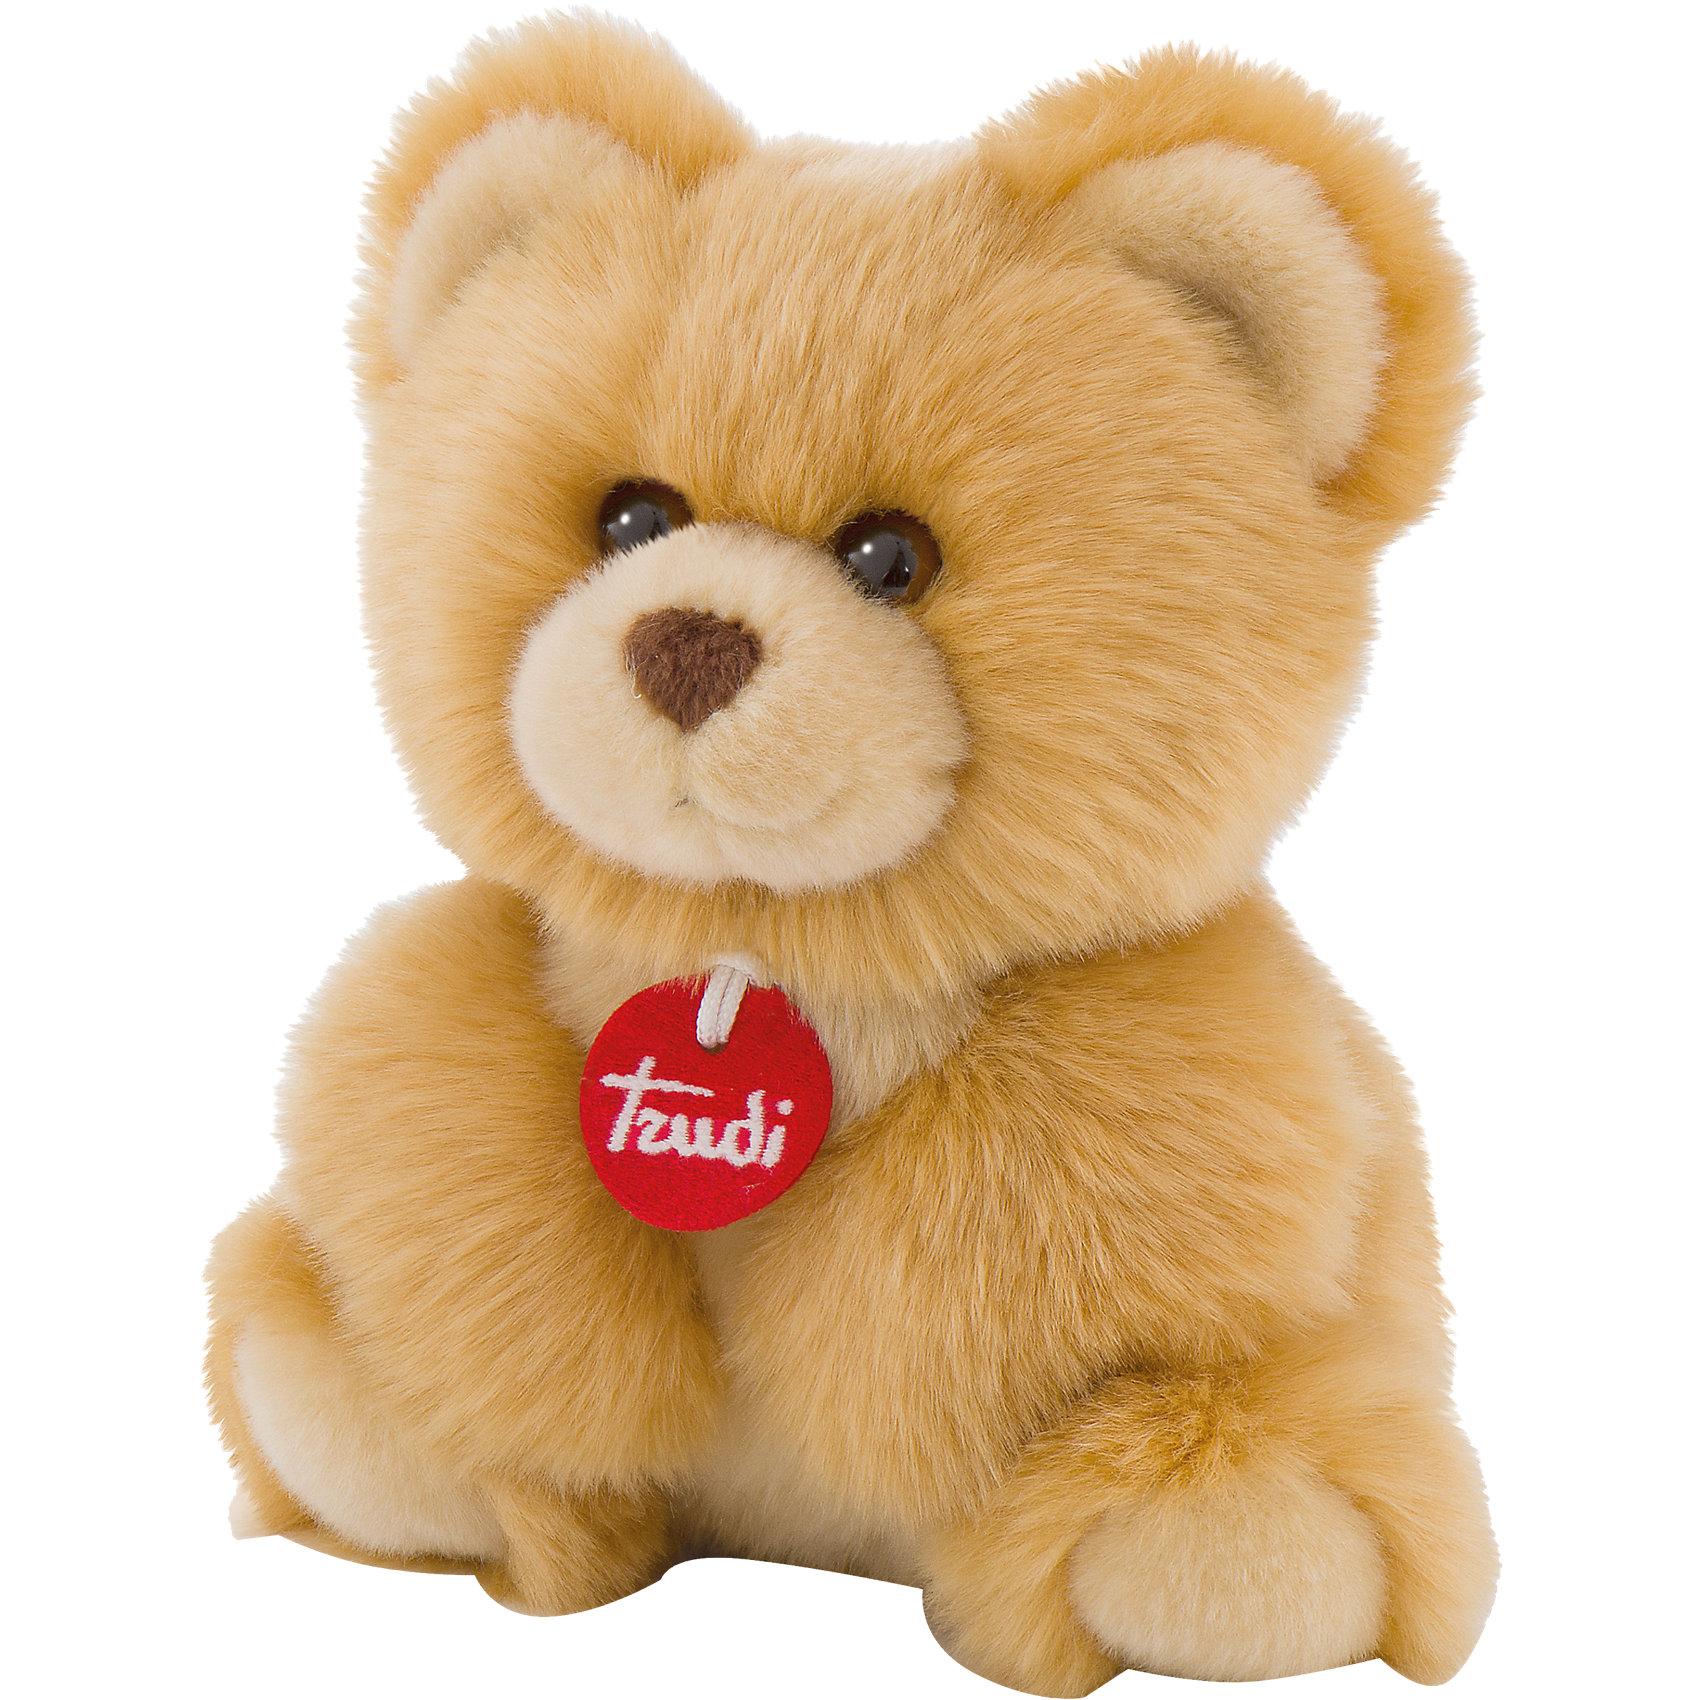 Медвеженок-пушистик, 24 см, TrudiМедвежата<br>Характеристики товара:<br><br>• возраст от 3 лет;<br>• материал: плюш, пластик;<br>• высота игрушки 24 см;<br>• страна производитель: Индонезия.<br><br>Медвежонок-пушистик Trudi — пушистый мягкий мишка, который станет ребенку верным другом. У мишки большие ушки и добрые глазки-пуговки. Медвежонка можно брать с собой на прогулку, в гости, в путешествие или в кроватку перед сном. Игрушка изготовлена из приятного на ощупь материала, безопасного для ребенка.<br><br>Медвежонка-пушистика Trudi 24 см можно приобрести в нашем интернет-магазине.<br><br>Ширина мм: 197<br>Глубина мм: 149<br>Высота мм: 121<br>Вес г: 157<br>Возраст от месяцев: 0<br>Возраст до месяцев: 60<br>Пол: Унисекс<br>Возраст: Детский<br>SKU: 4601410